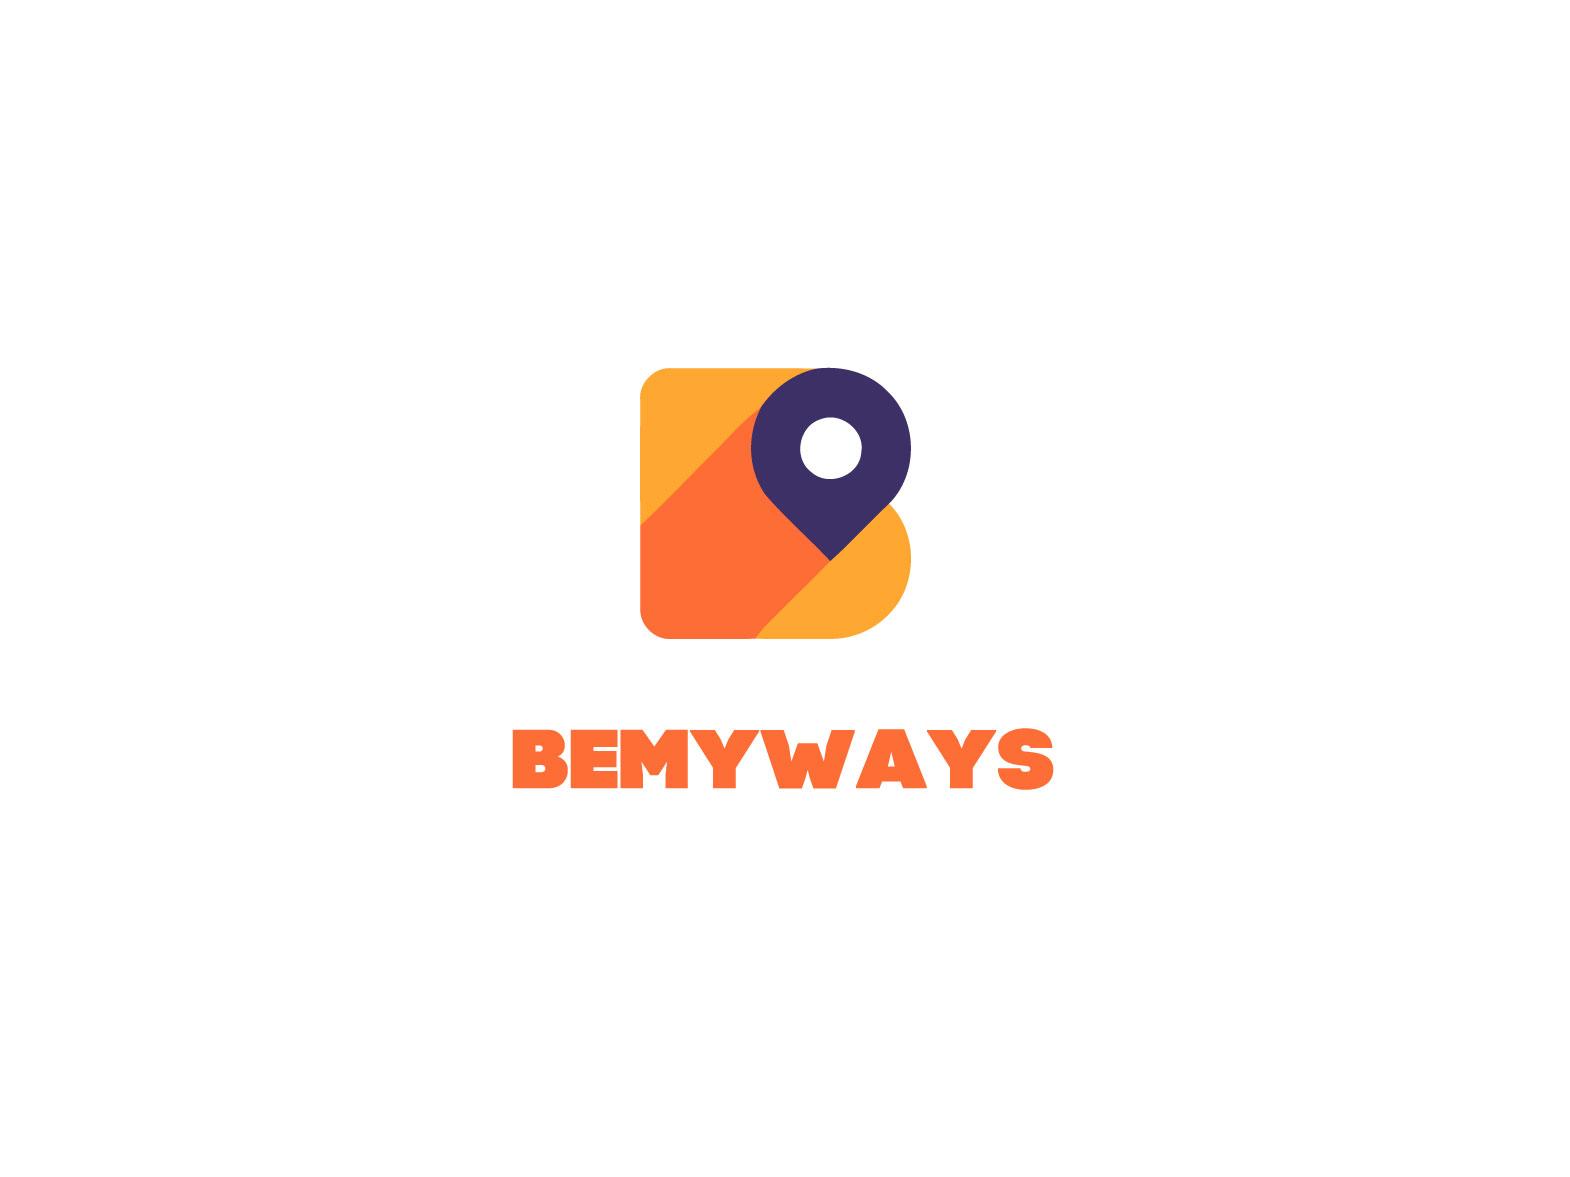 Разработка логотипа и иконки для Travel Video Platform фото f_6755c3768b37d621.jpg